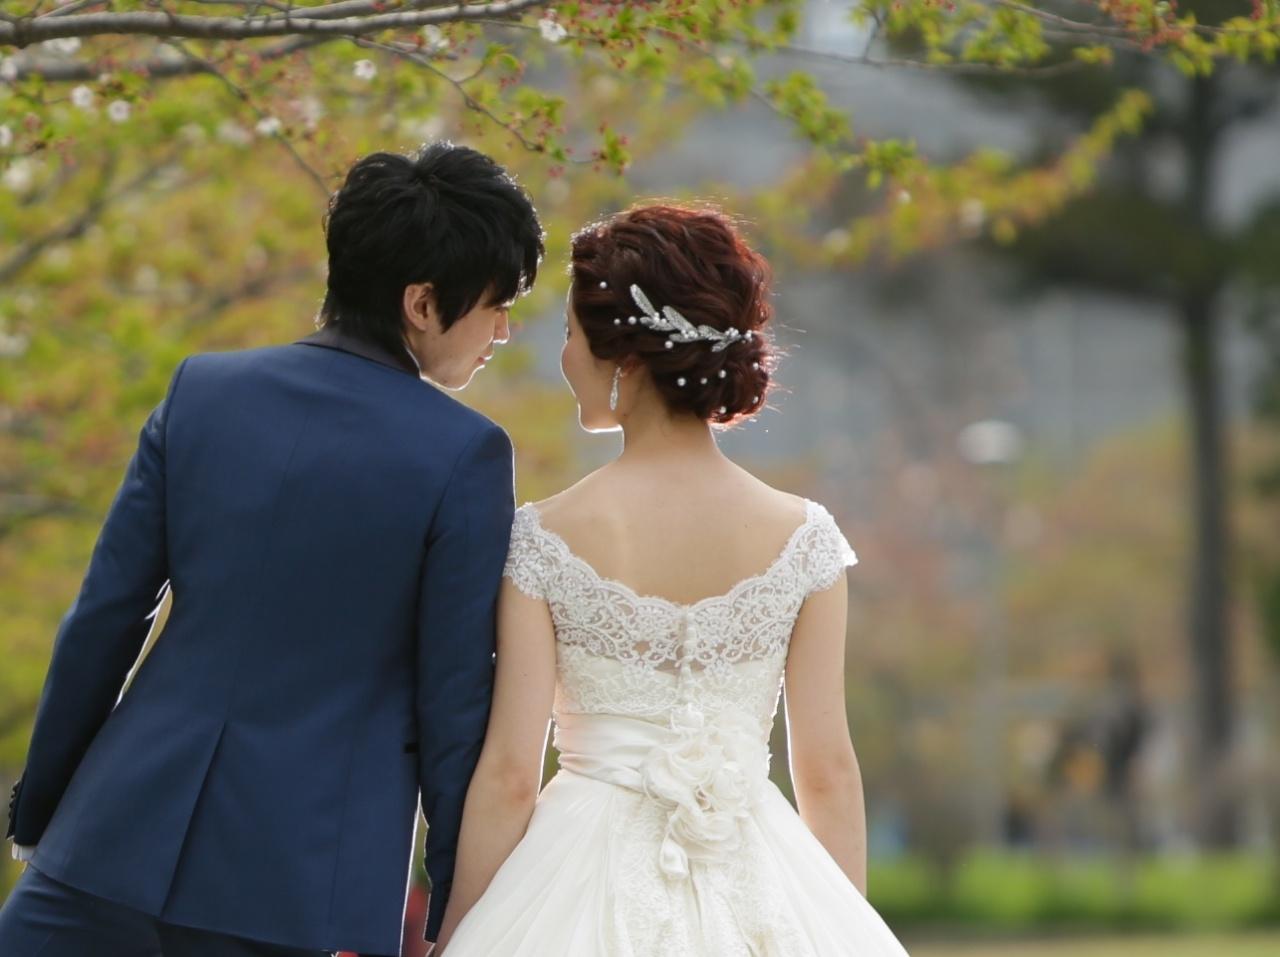 おふたりの「好き」をカタチに。結婚記念にどんな写真をのこしたいですか?